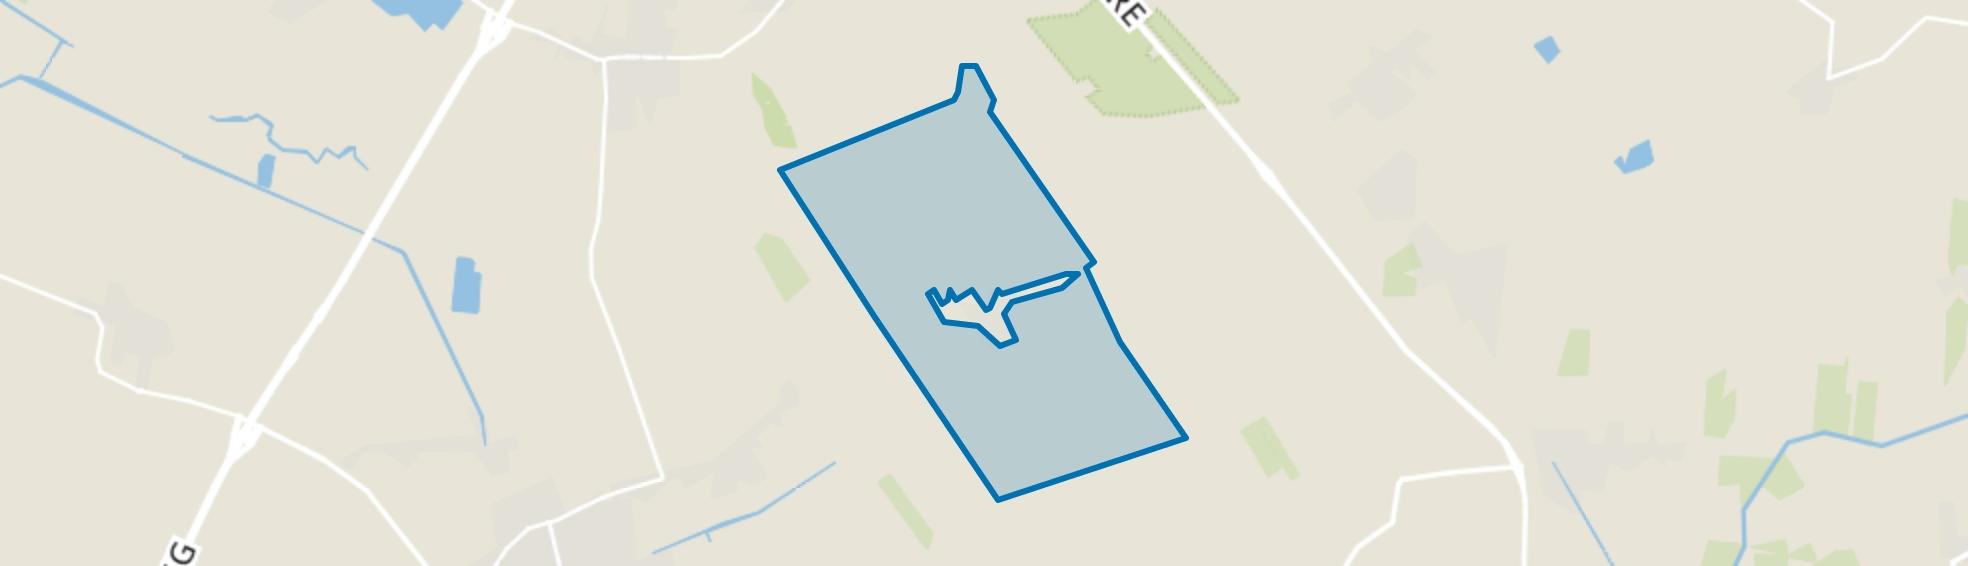 Hemrik-Buitengebied, Hemrik map